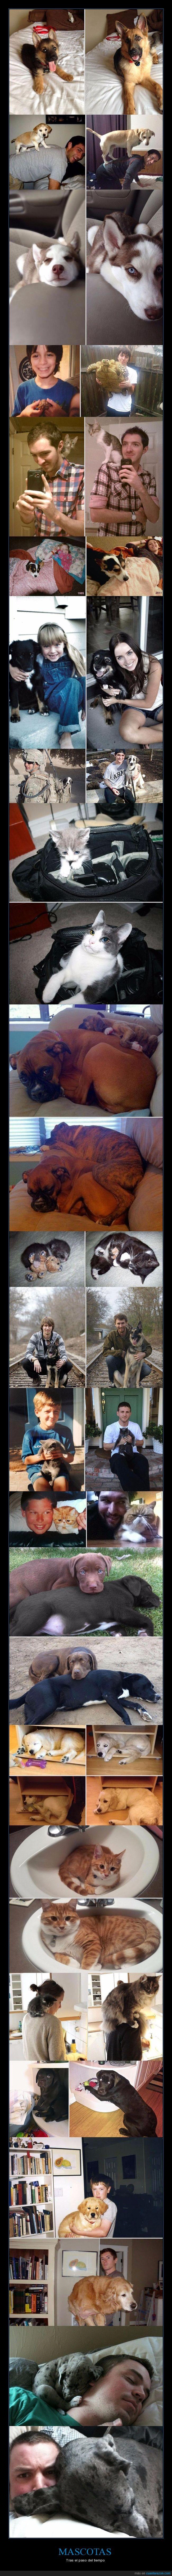 adultos,cachorros,crecer,mascotas